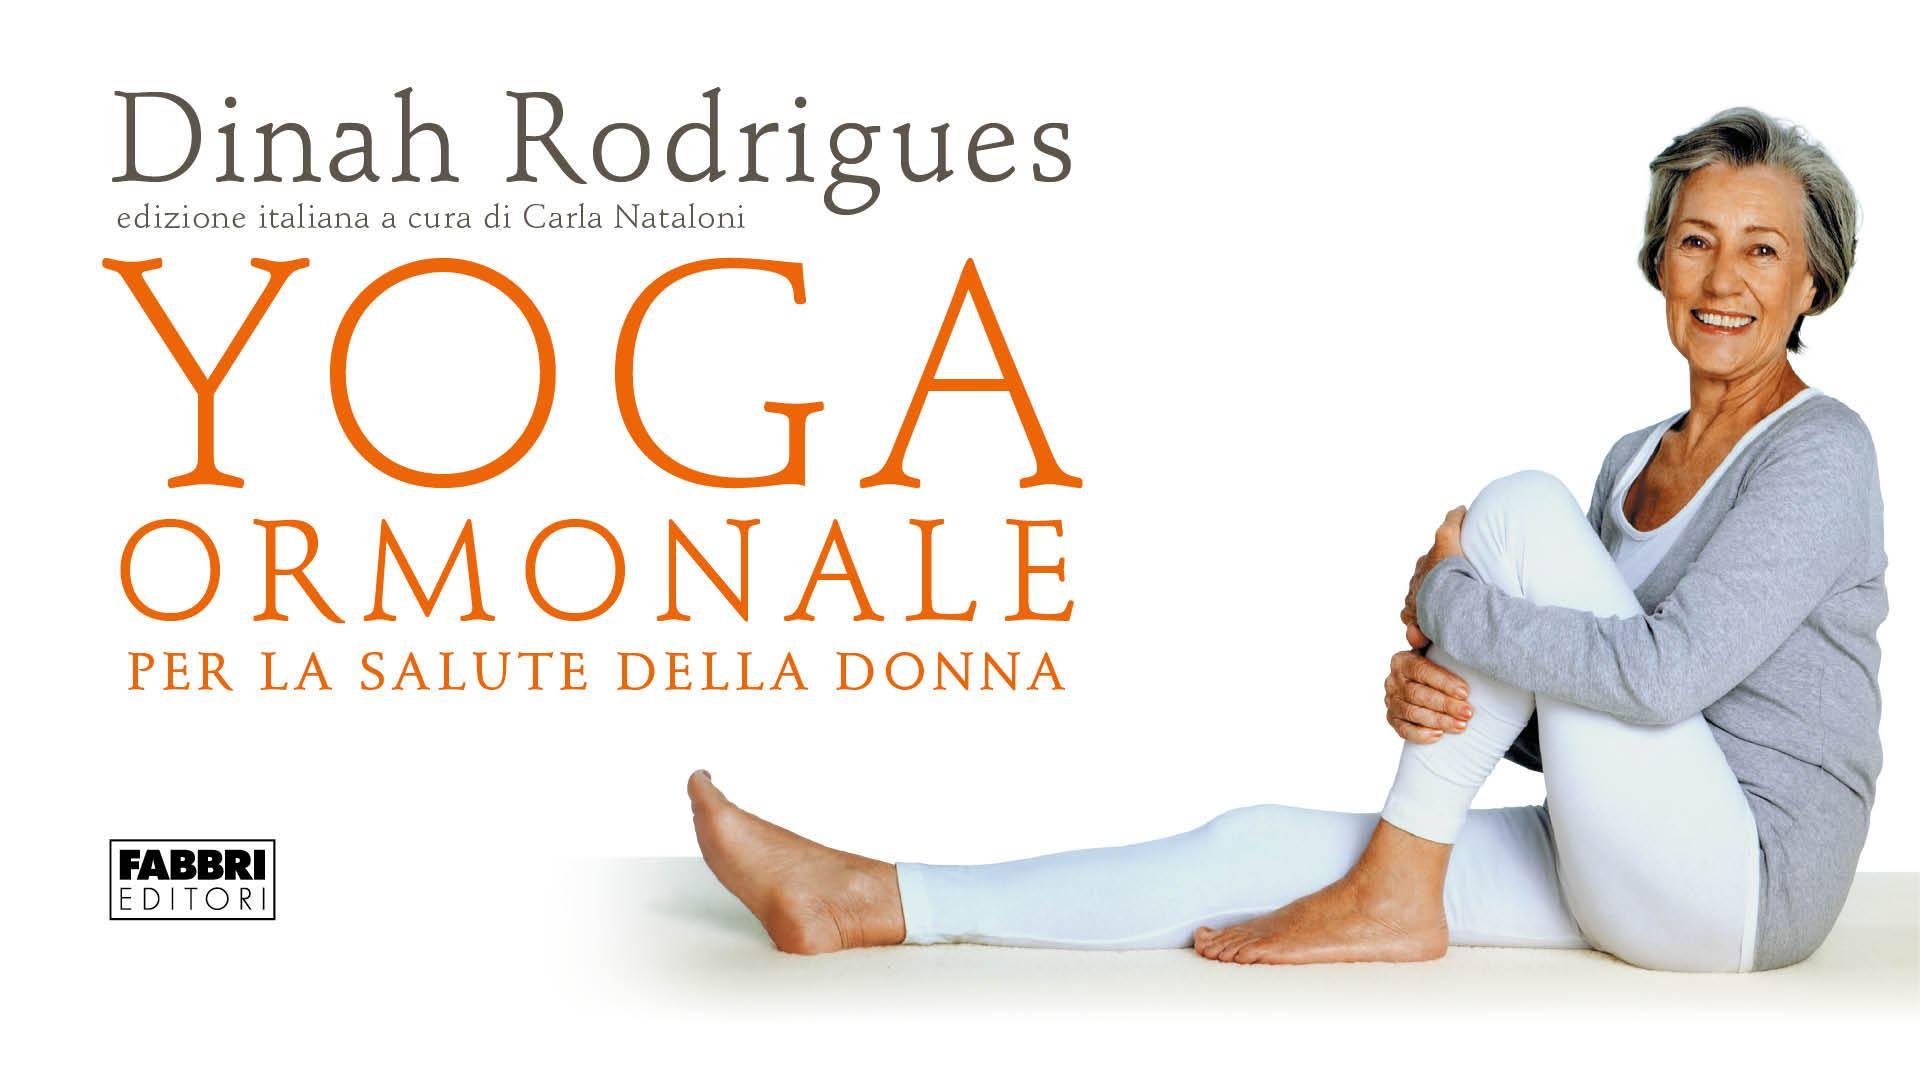 Dinah Rodrigues presenterà  il suo  libro: Yoga  Ormonale per la salute della donna